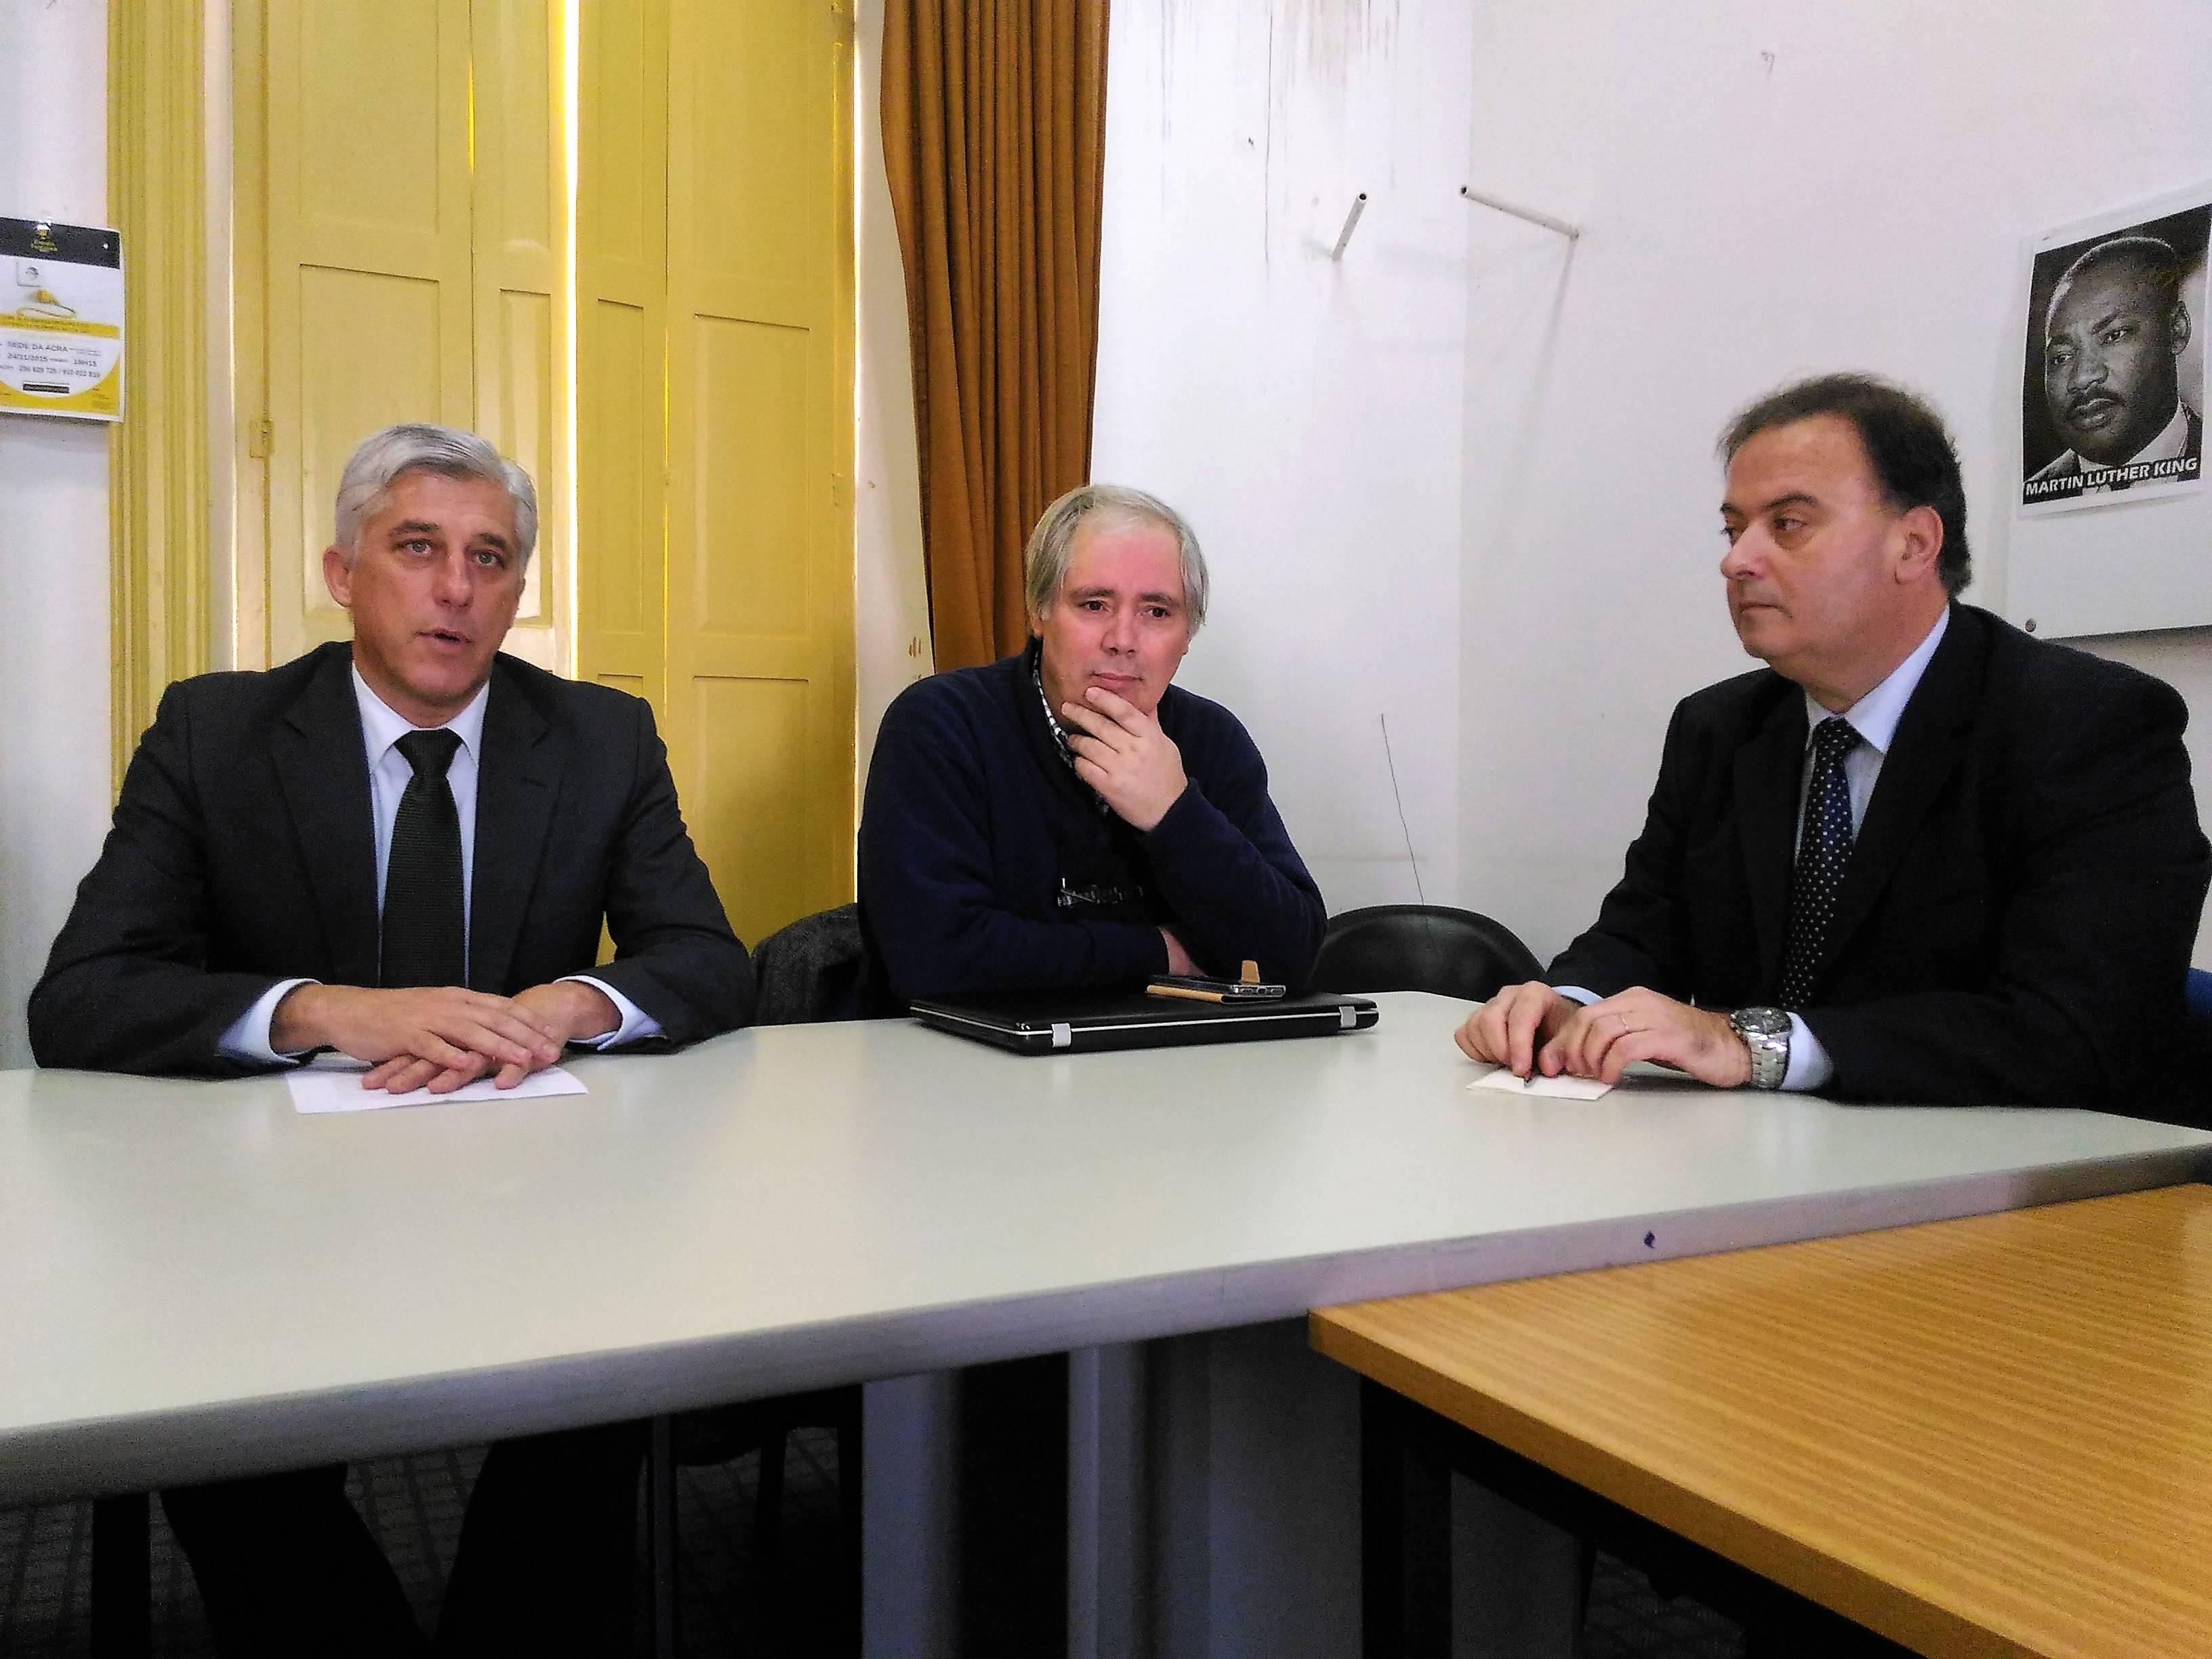 PSD/Açores propõe baixar o IVA para ajudar as famílias